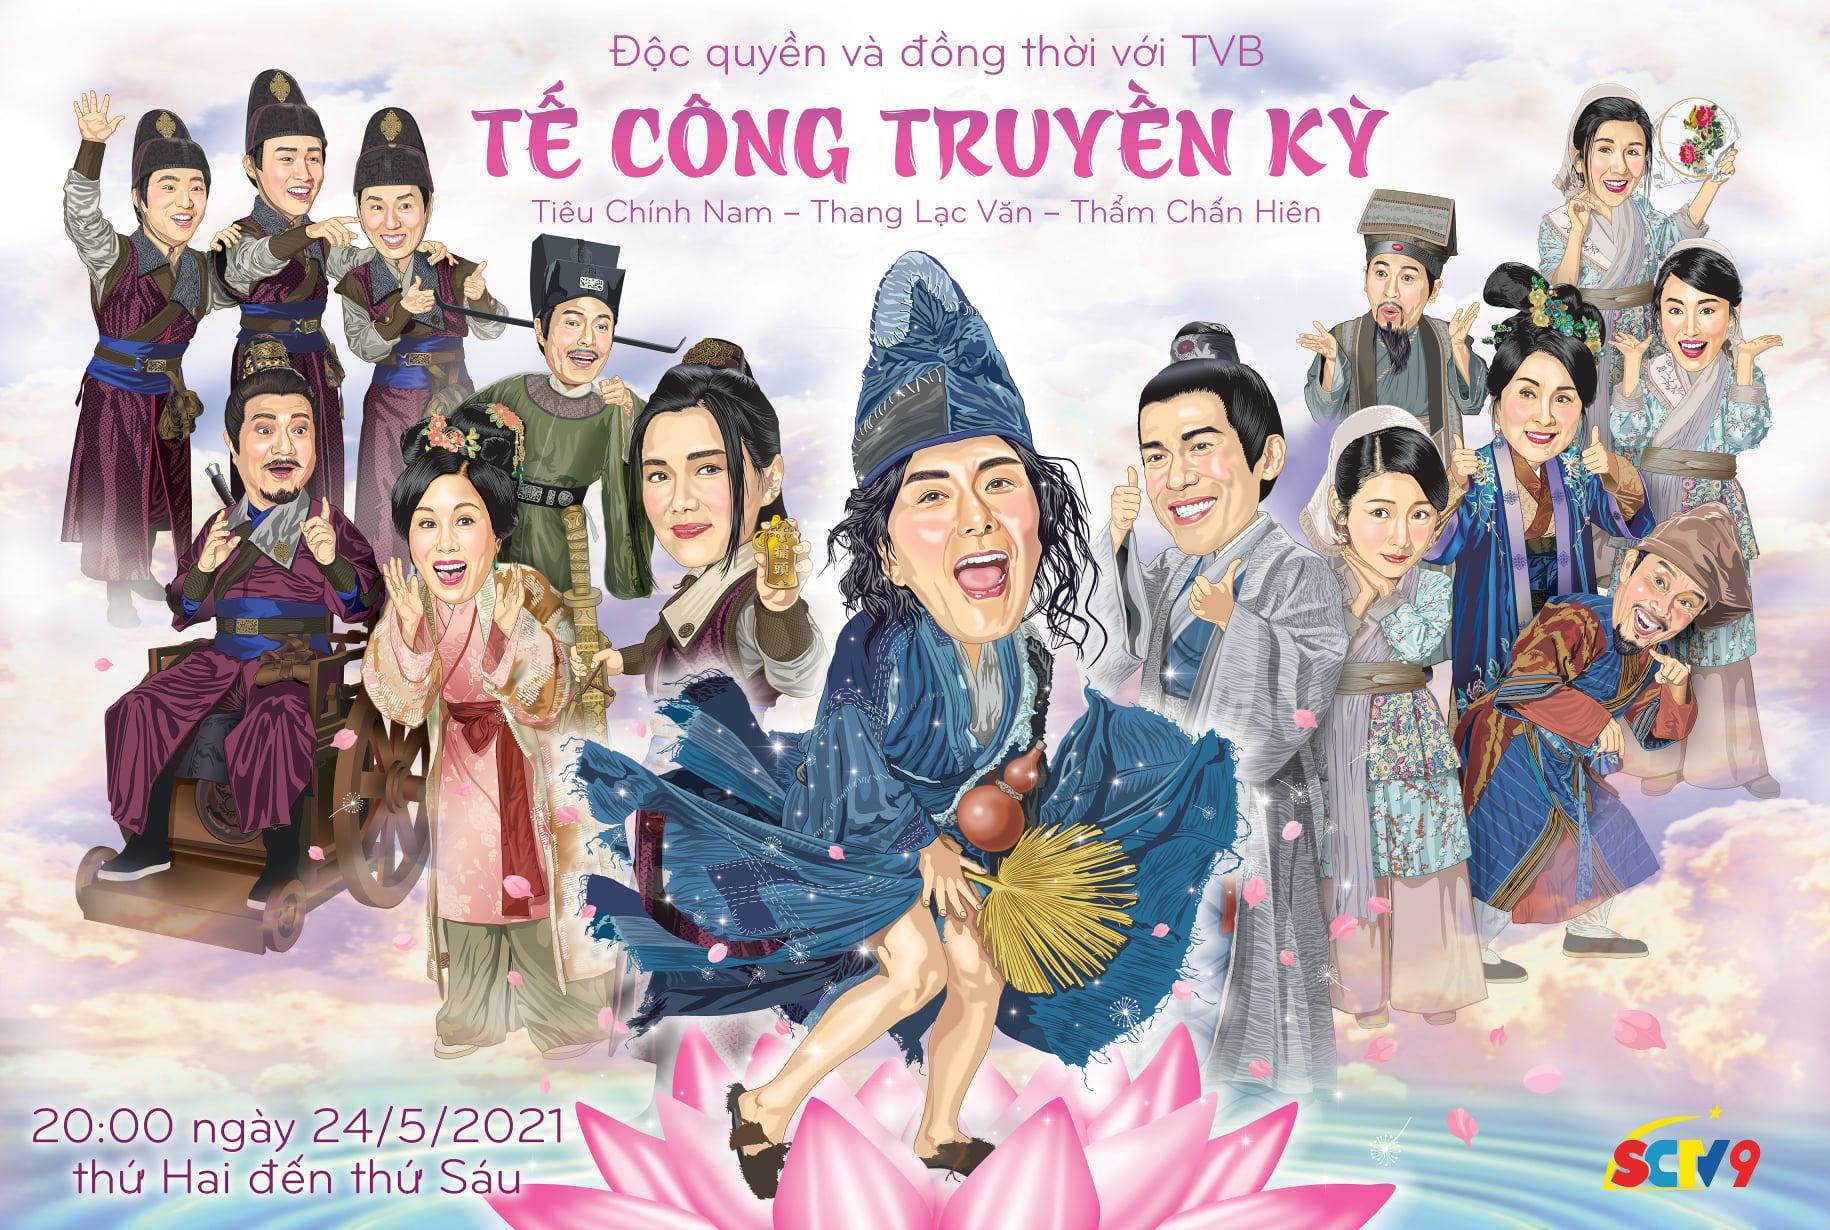 Tế Công Truyền Kỳ - SCTV9 (2021)